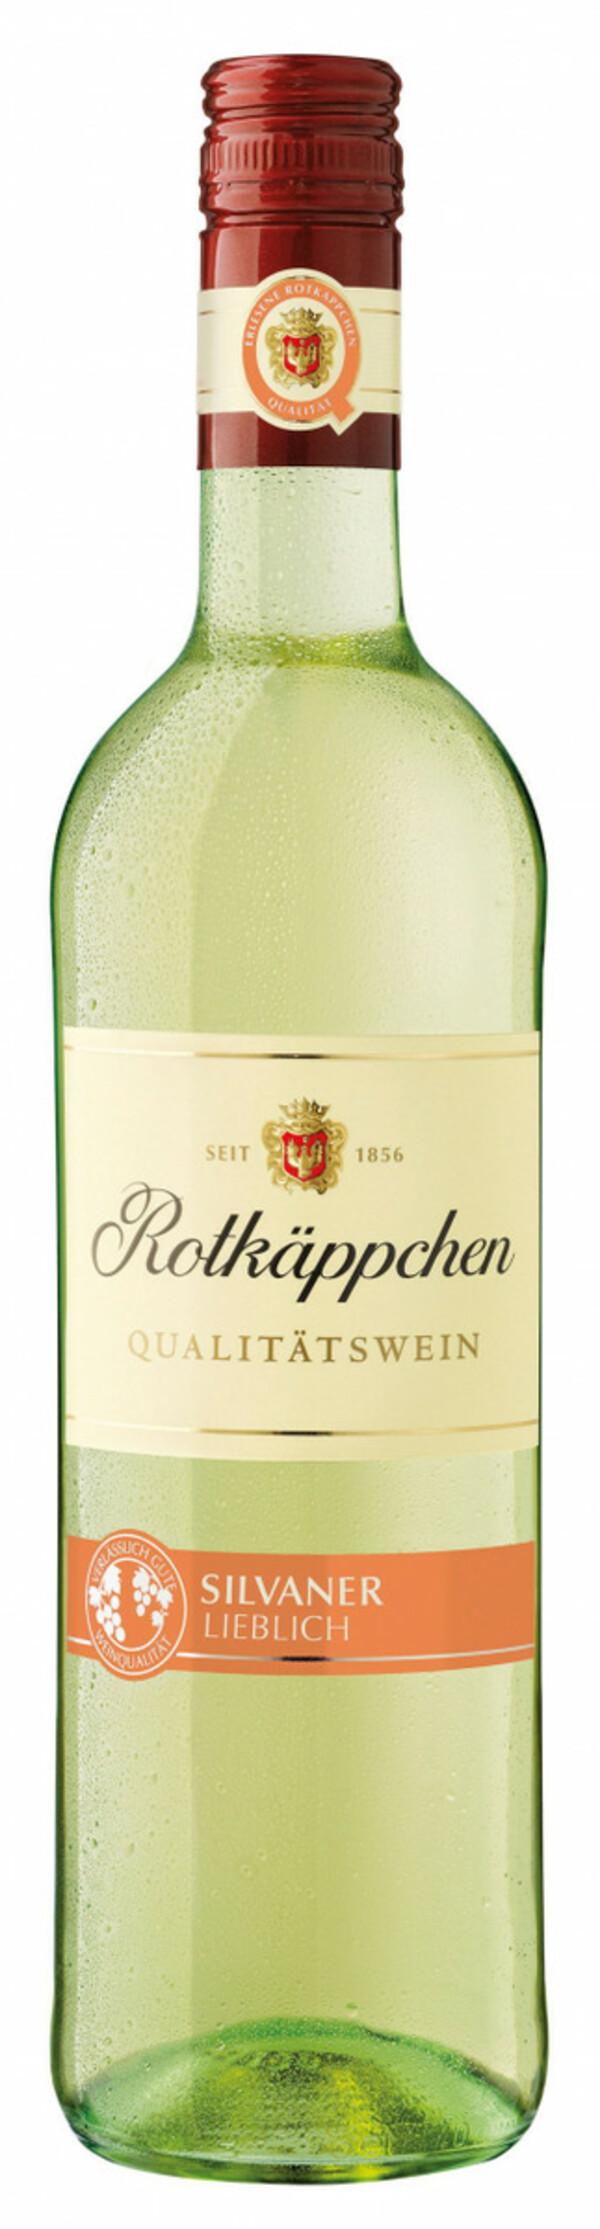 Rotkäppchen Qualitätswein Silvaner, halbtrocken